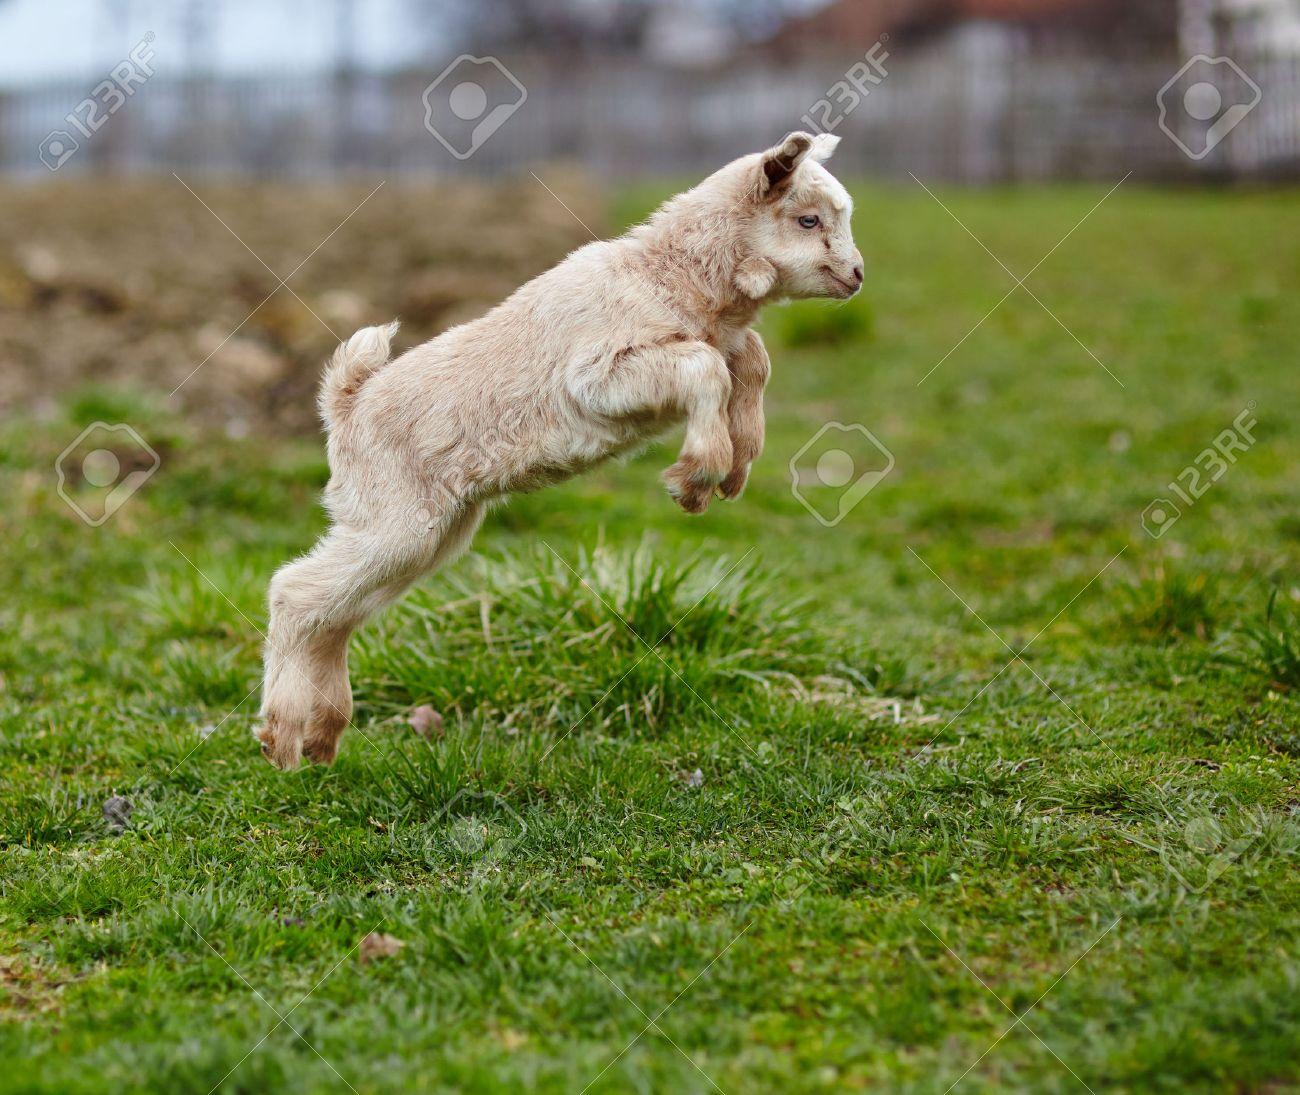 Chèvre de bébé adorable sautiller sur un pâturage Banque d'images - 38350940